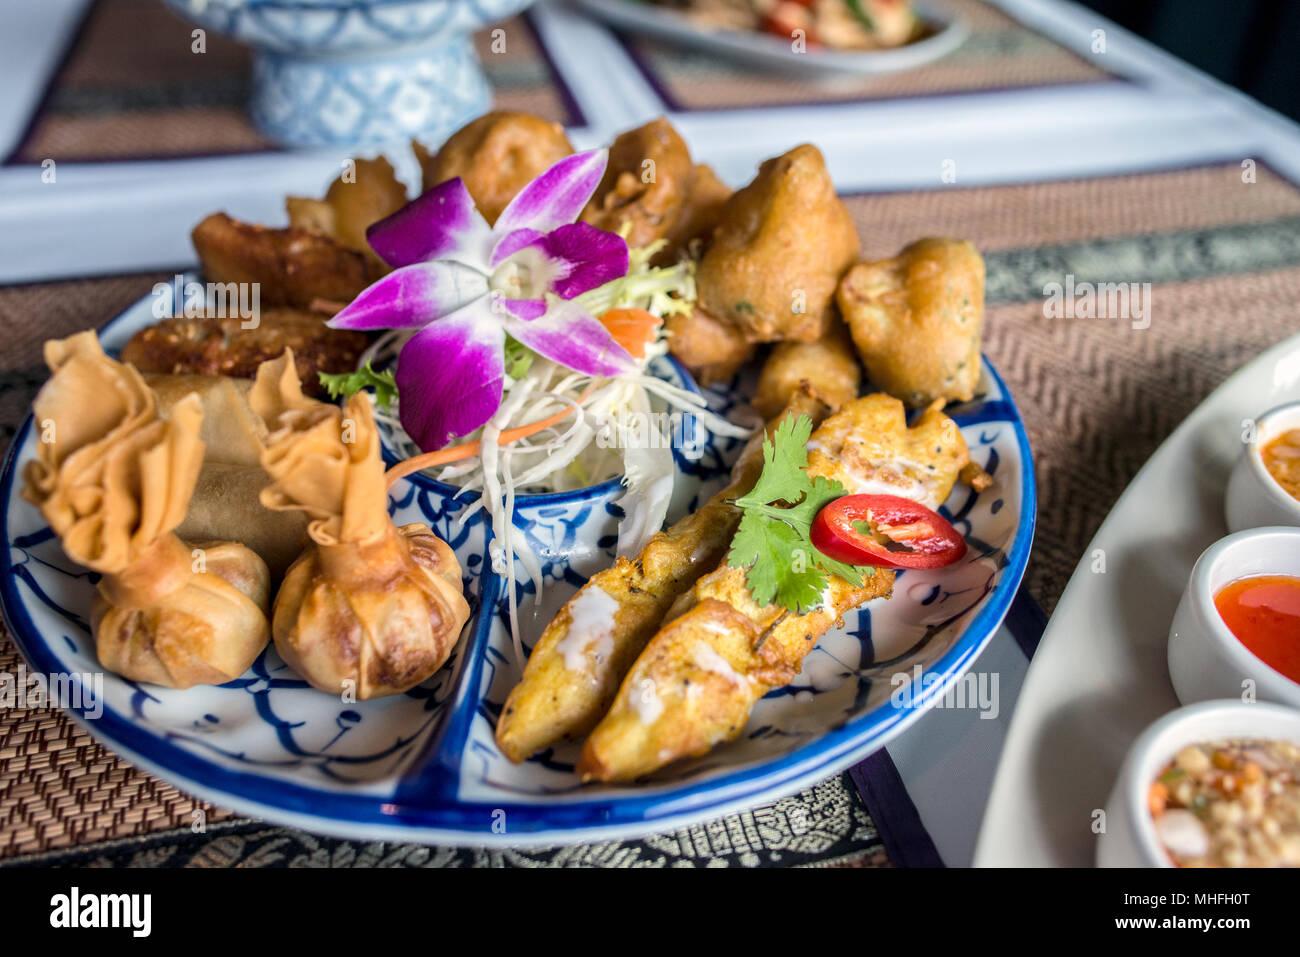 La comida tailandesa en un restaurante Imagen De Stock